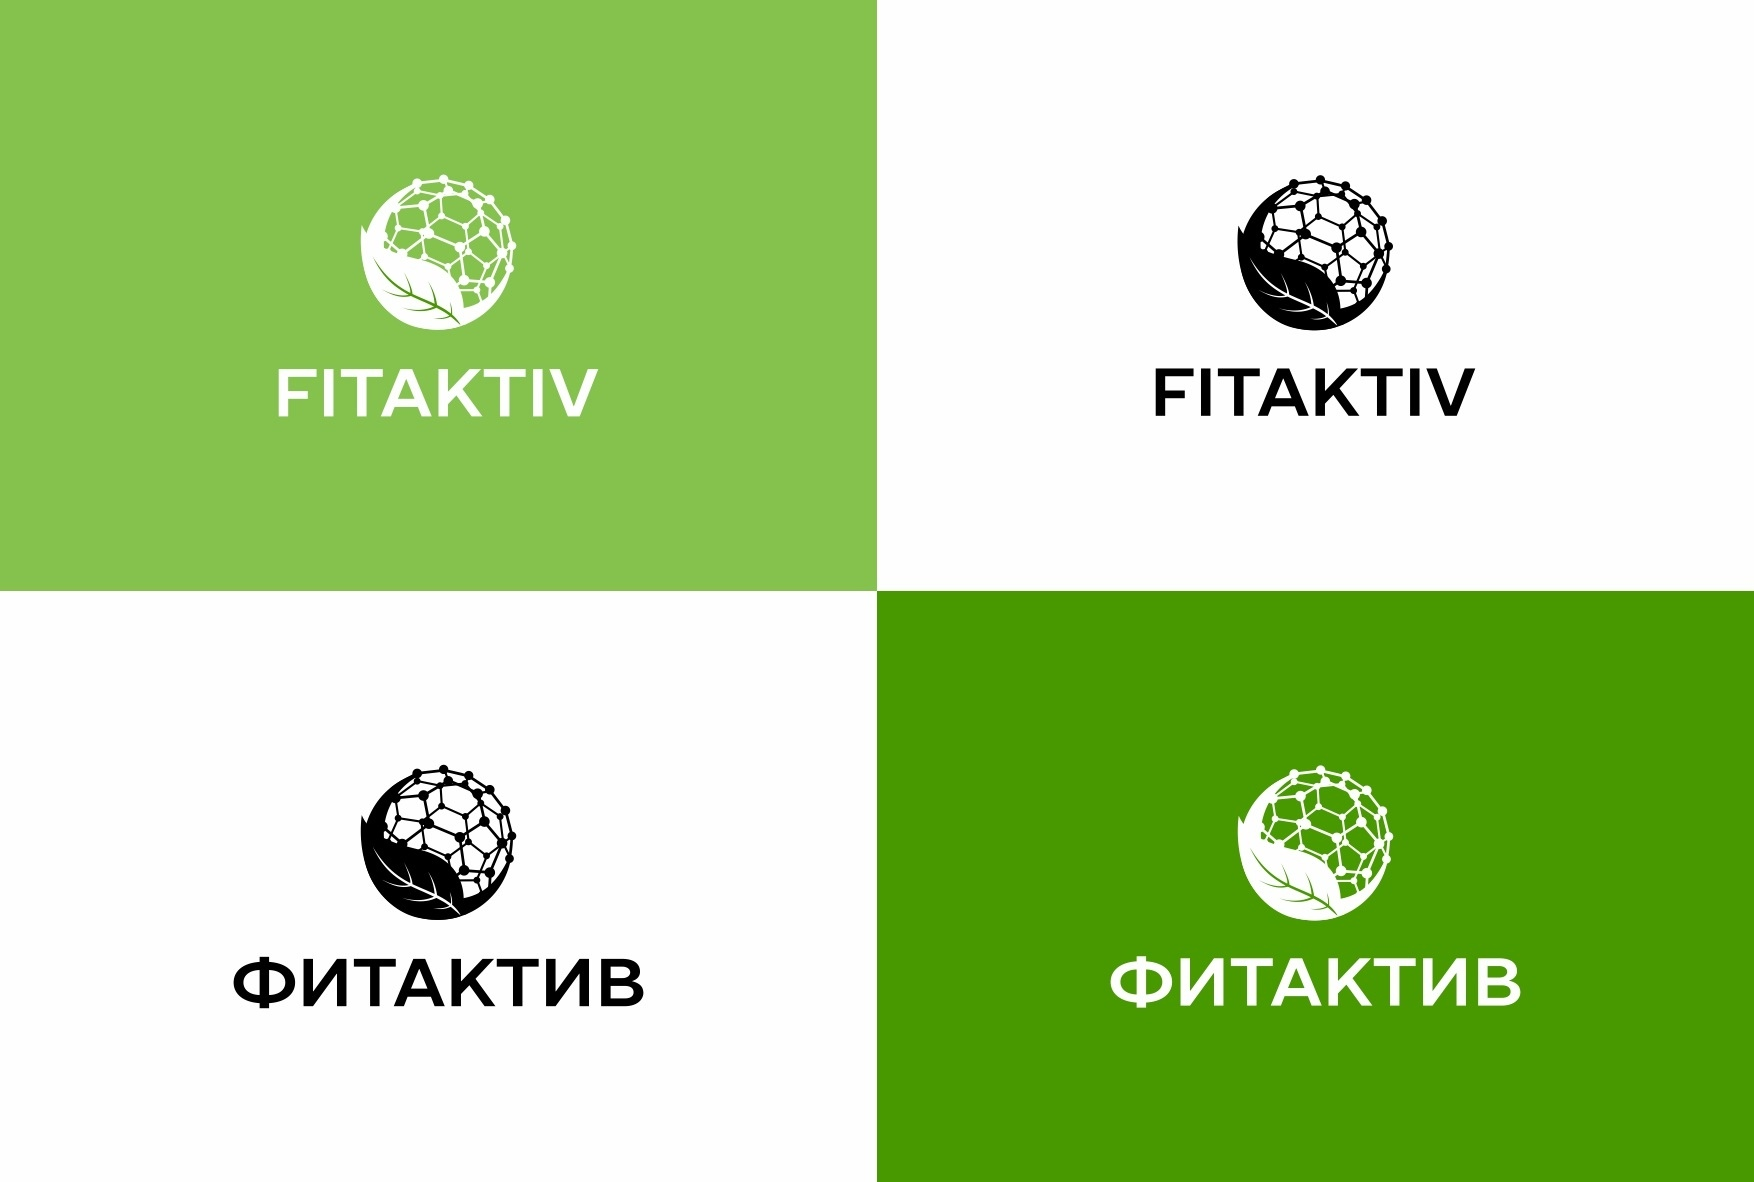 Цветовые решения для логотипа FITAKTIV